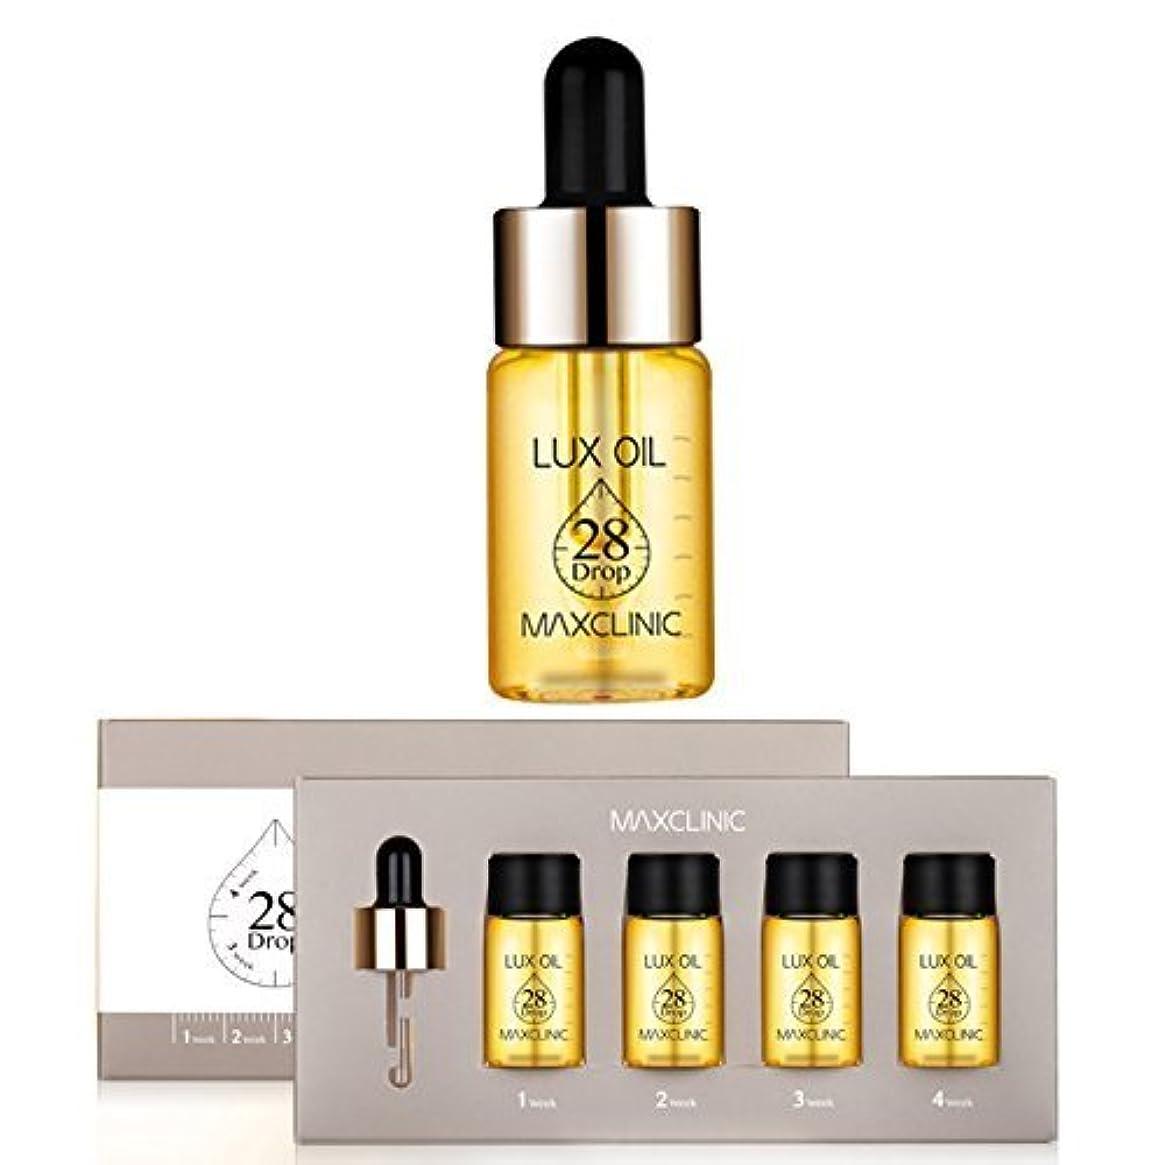 素敵な壮大なからかうマックスクリニック[韓国コスメMaxclinic]Lux Oil 28 Drop,Luxury spa oil ampoules ラックスオイル28ドロップ、ラグジュアリースパオイルアンプル10mlX4個 [並行輸入品]